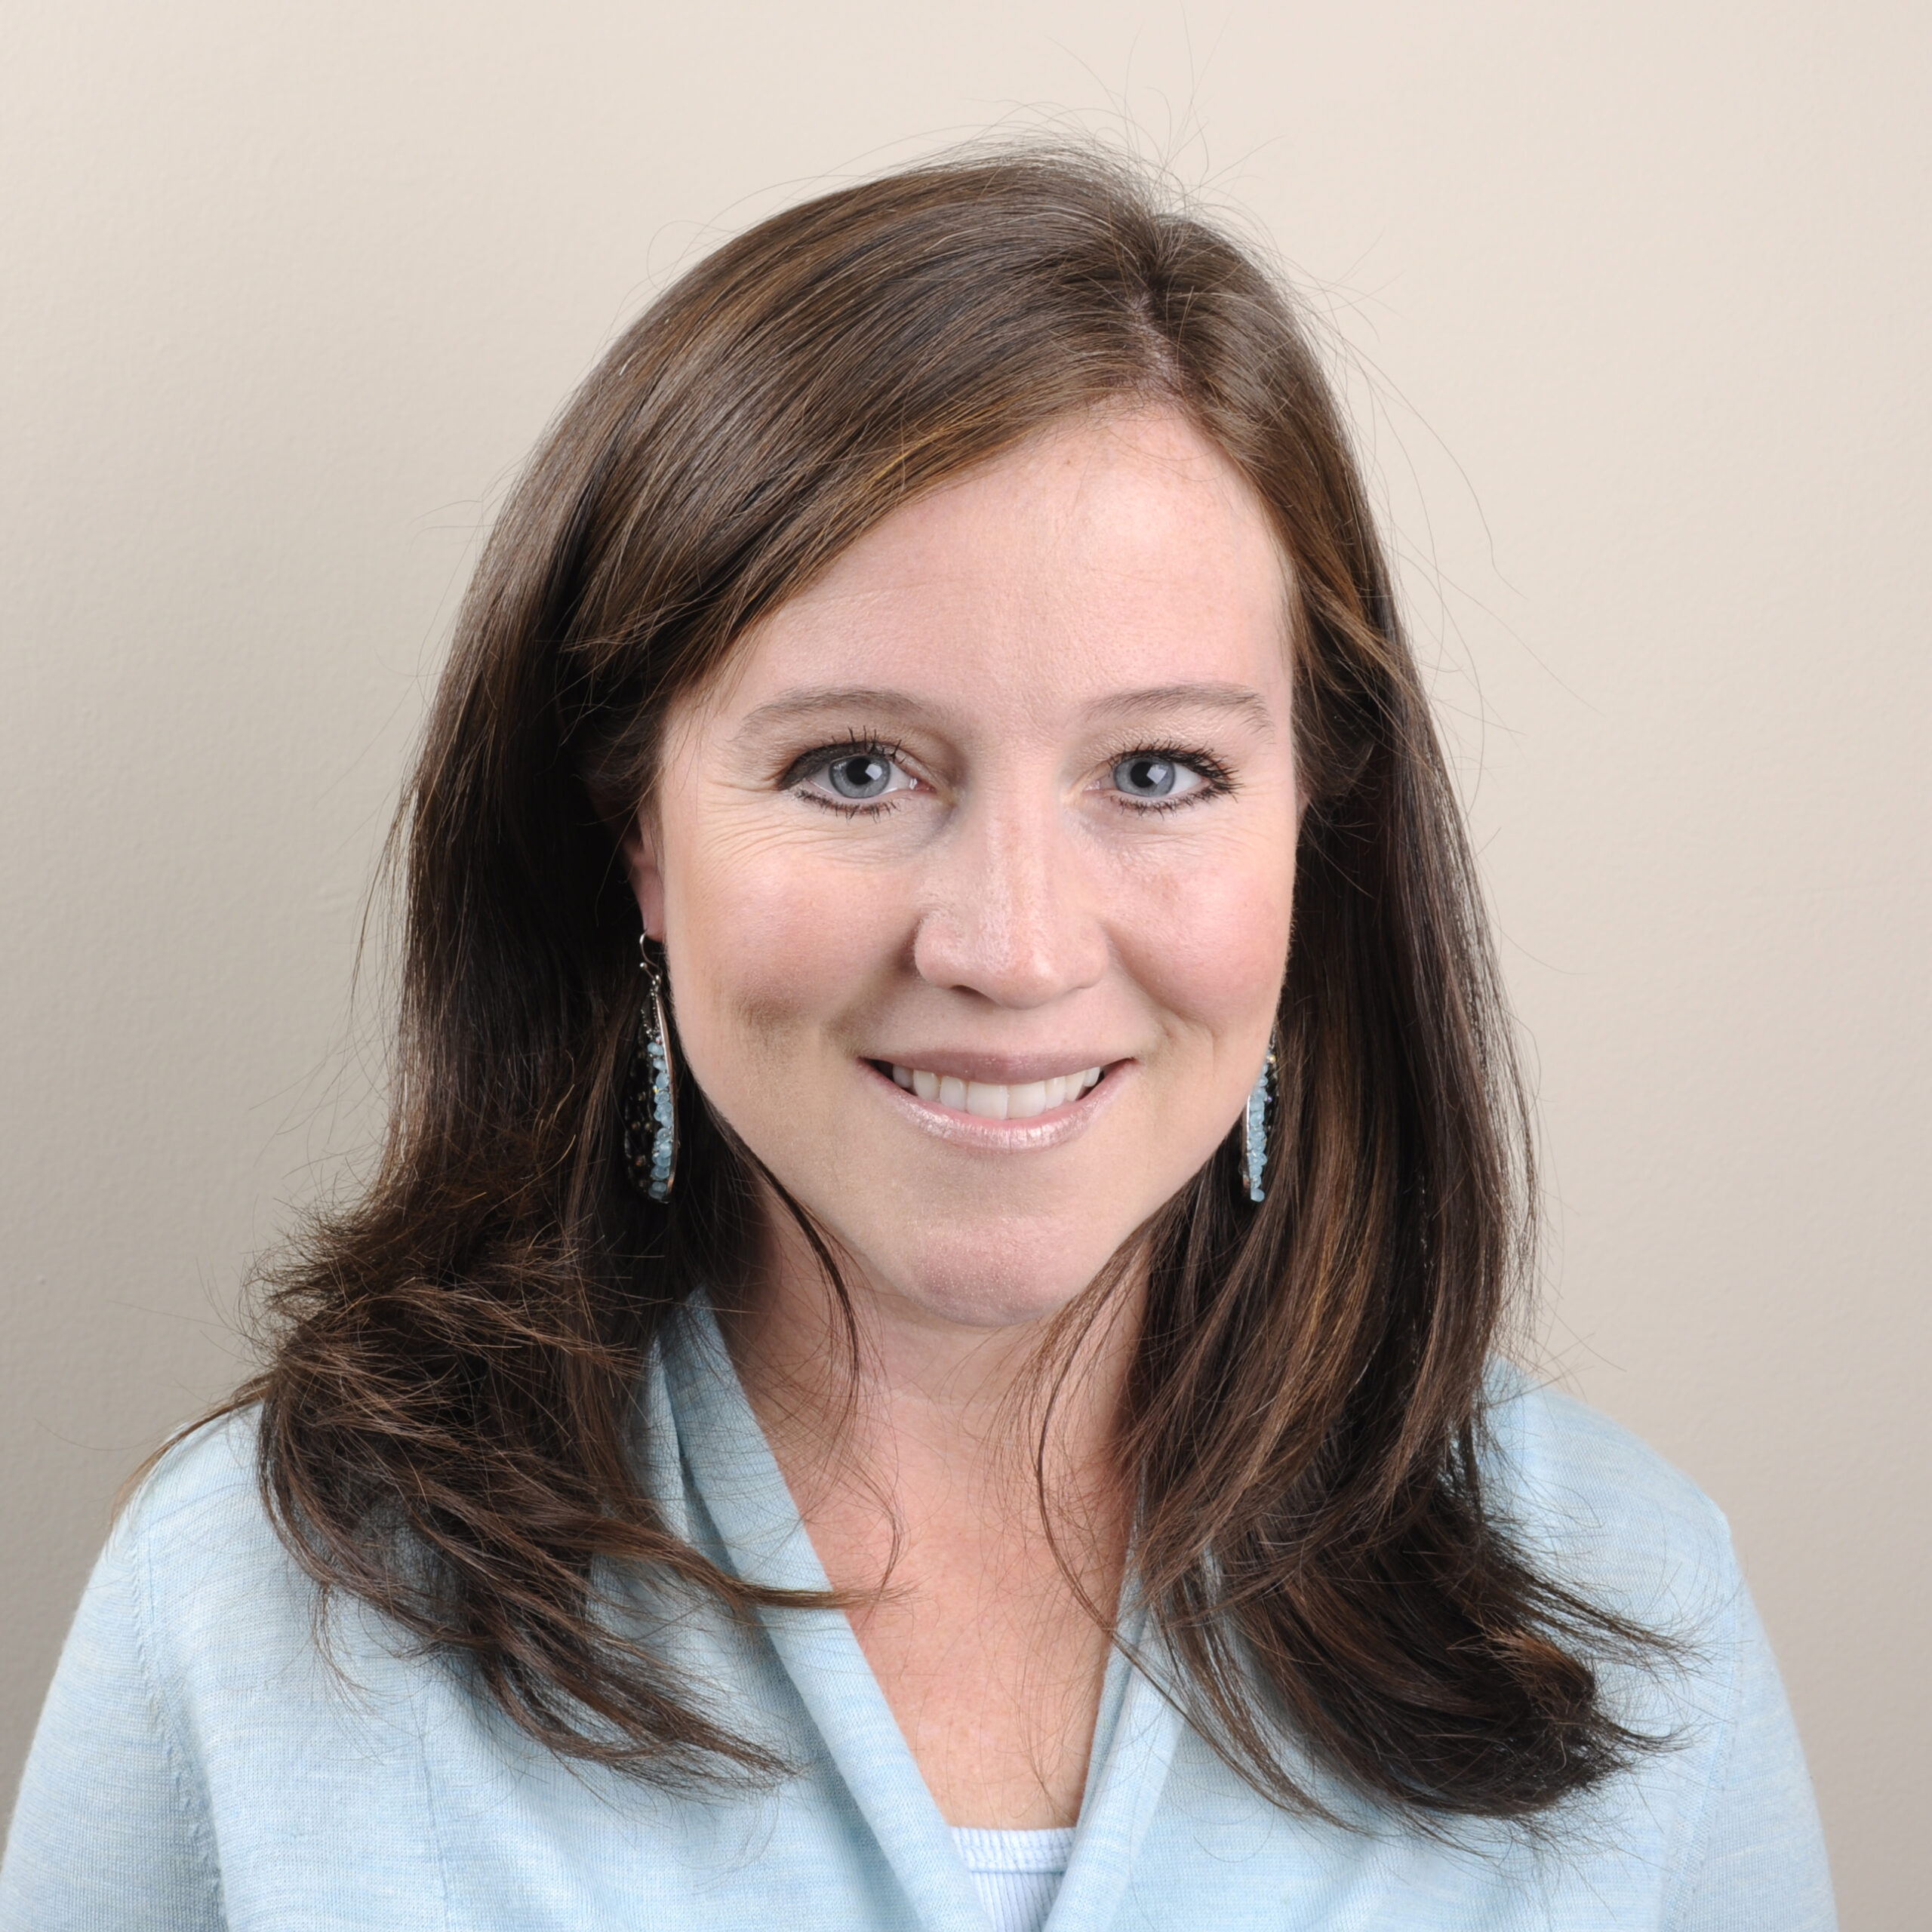 Nicole Greer, BS